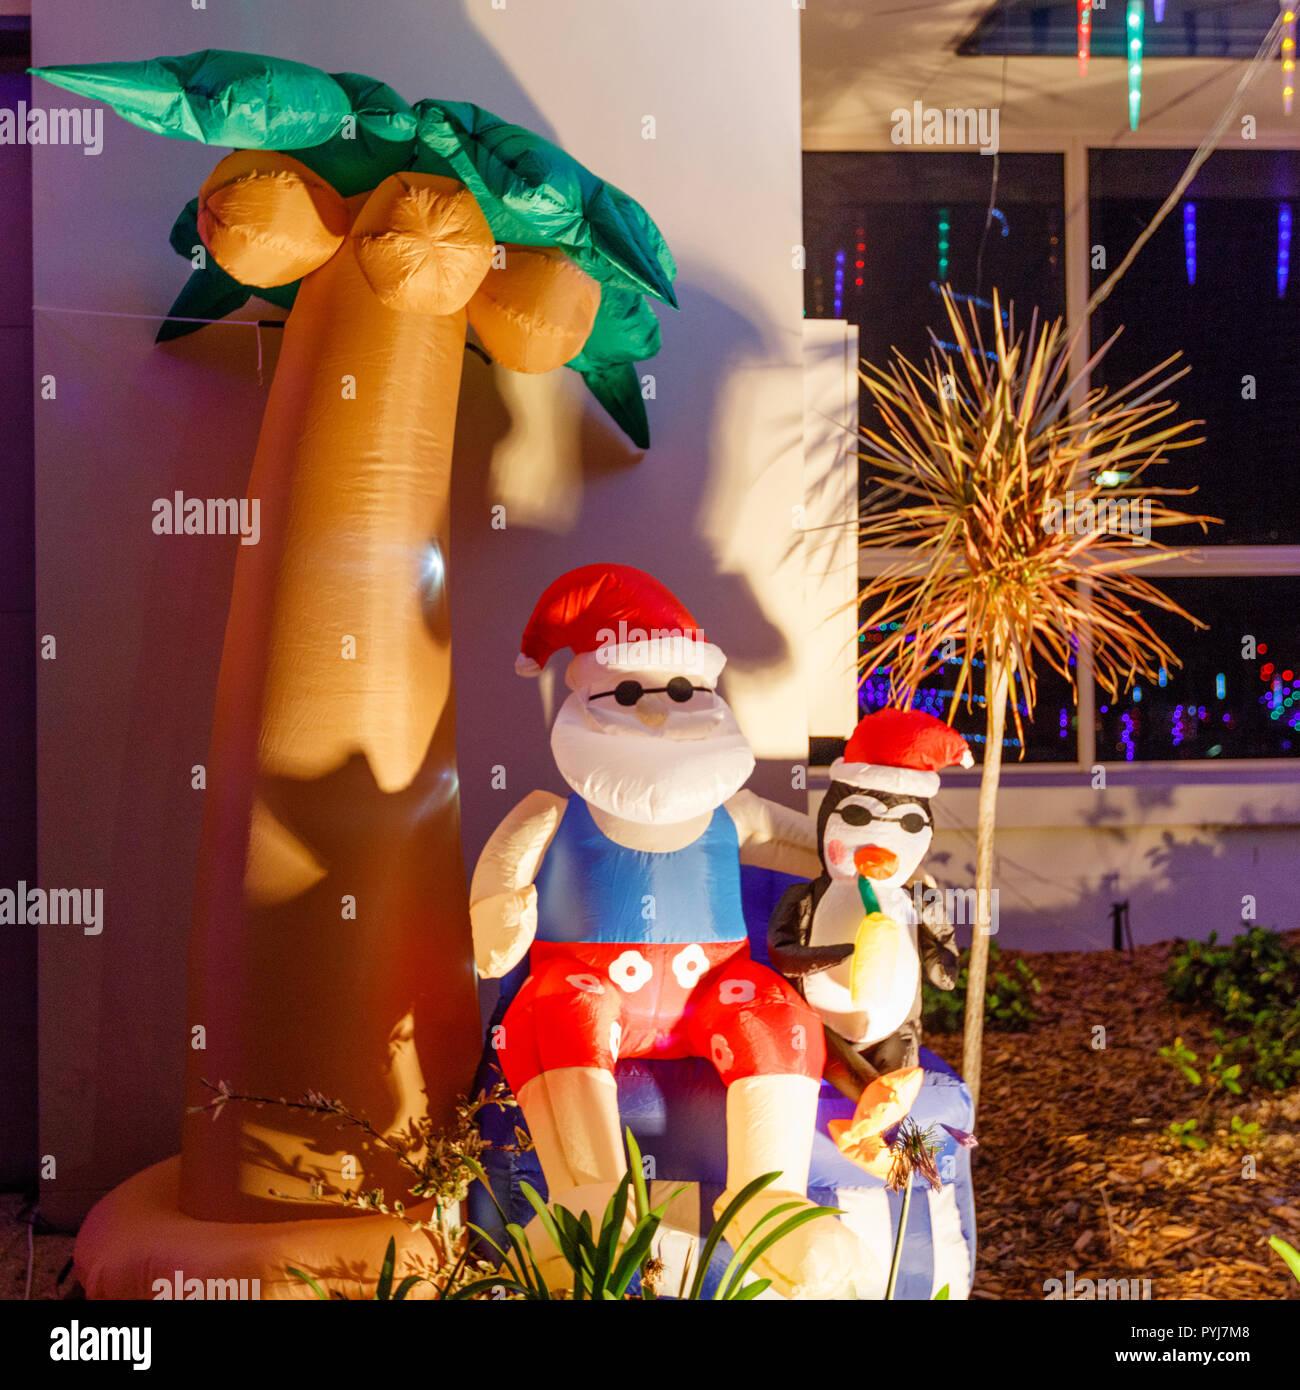 Palm Tree Christmas Lights Stock Photos & Palm Tree